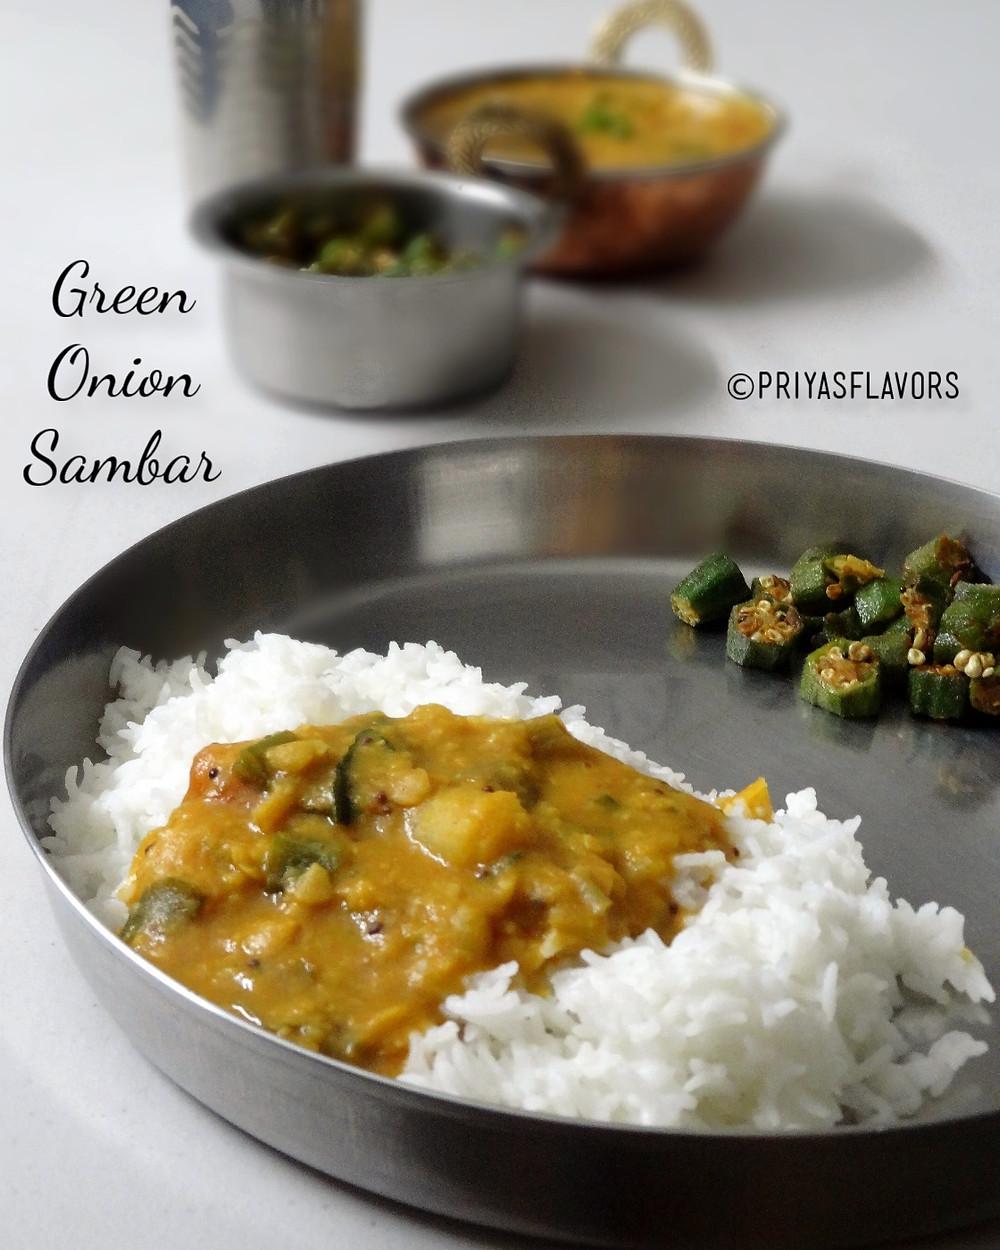 green onion sambar